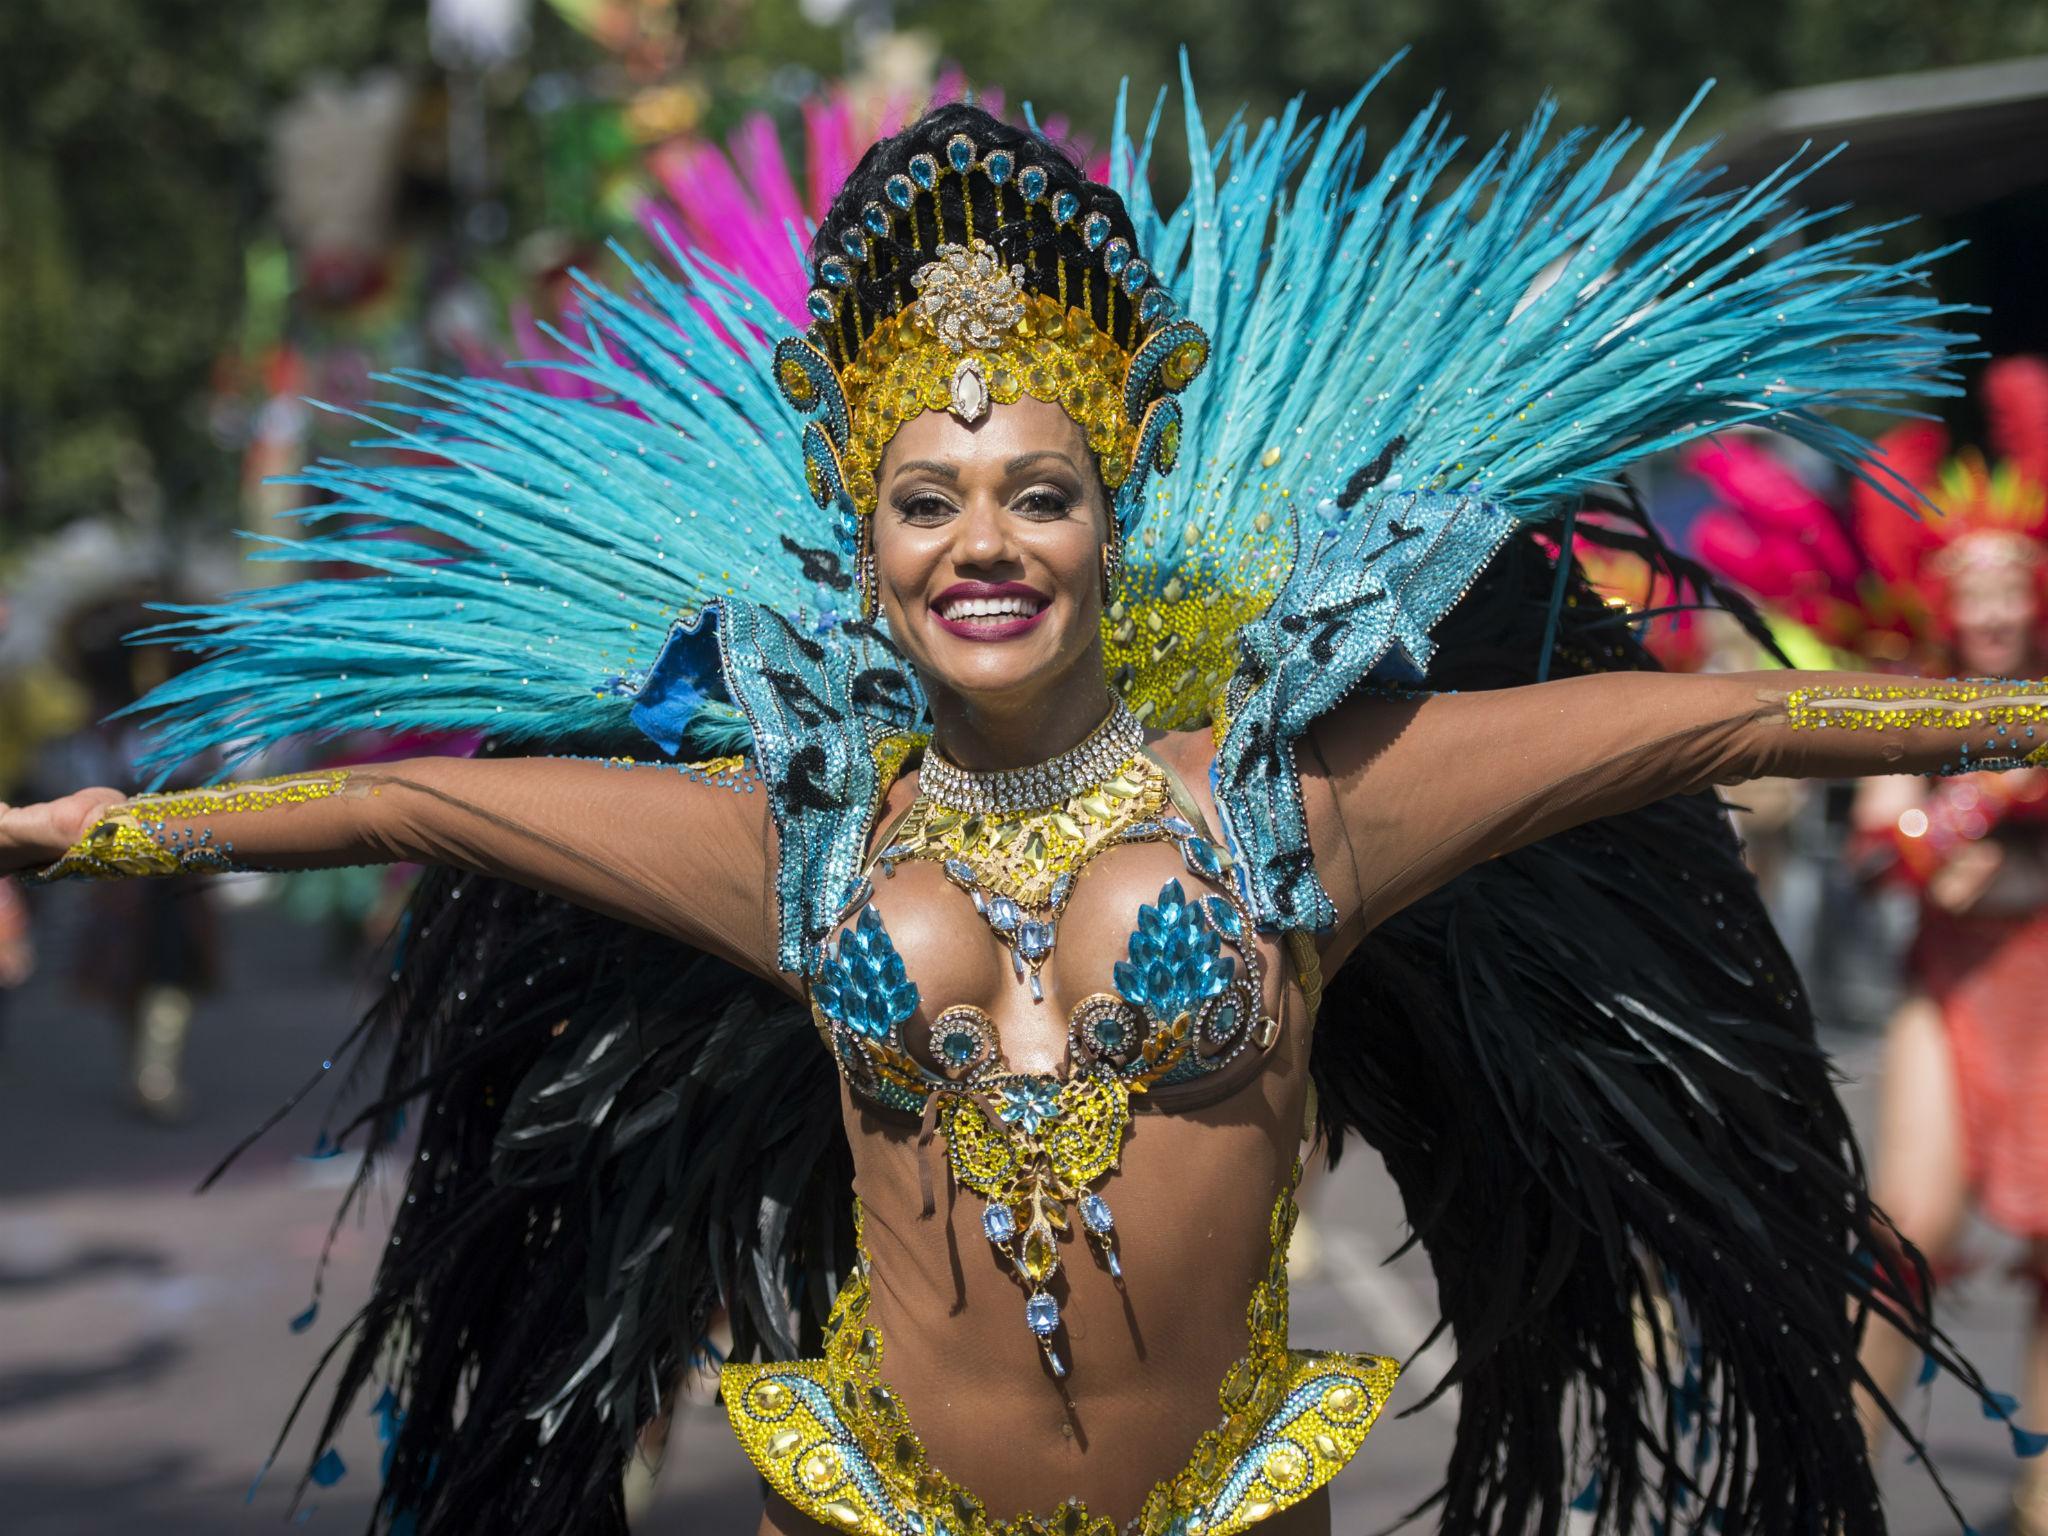 Бразильский секс карнавал смотреть онлайн бесплатно